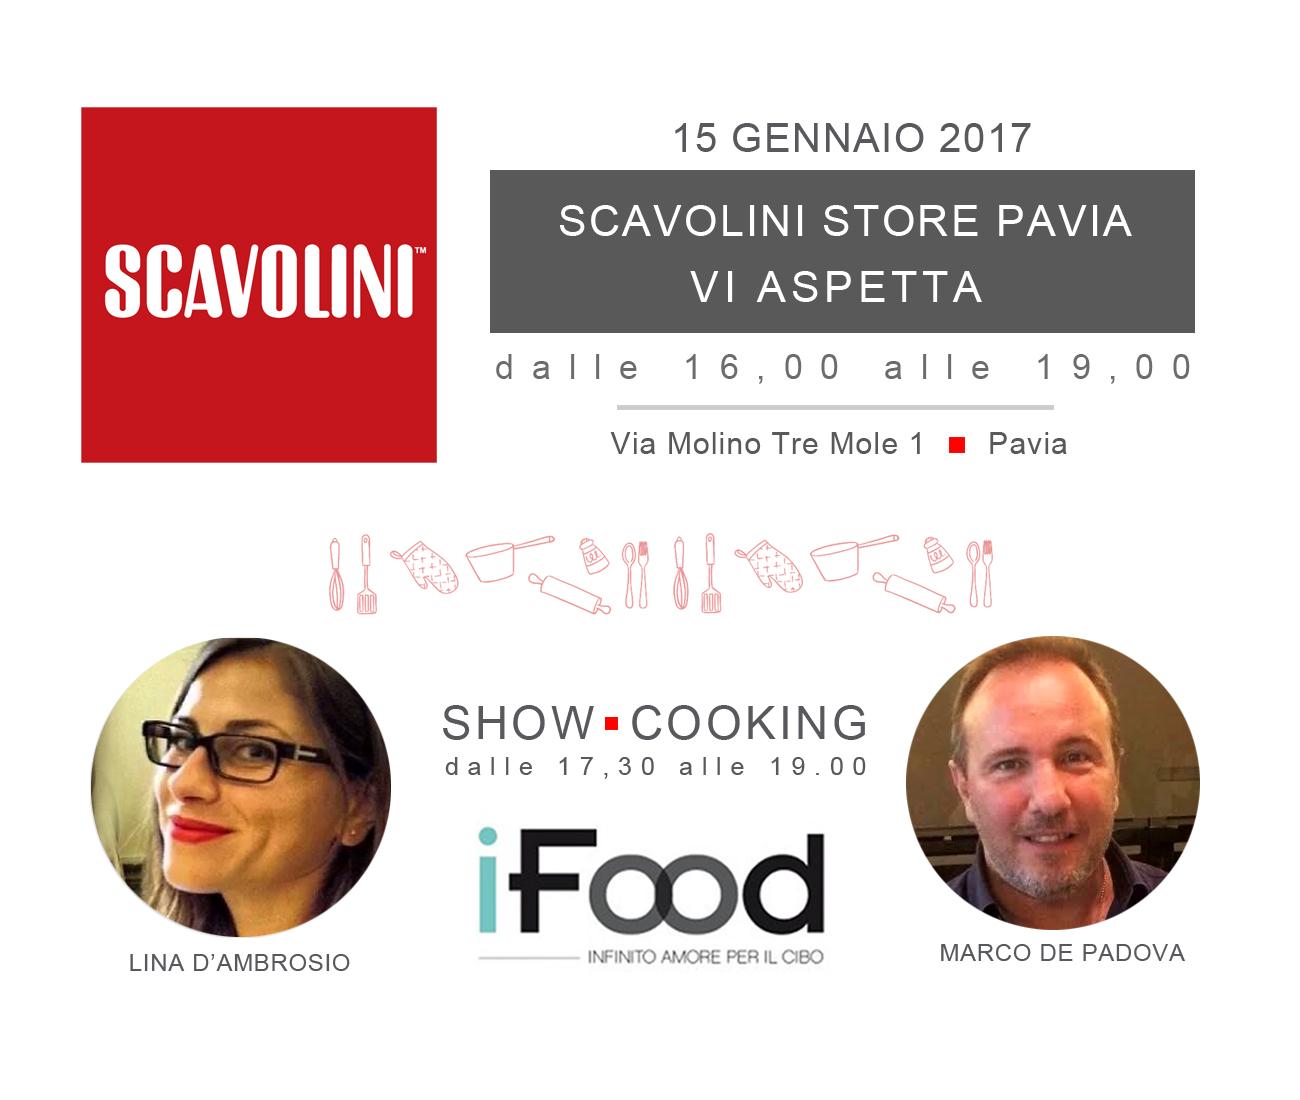 Scavolini e iFood presentano uno show-cooking aperto al pubblico con i famosi food blogger Lina D'Ambrosio e Marco De Padova